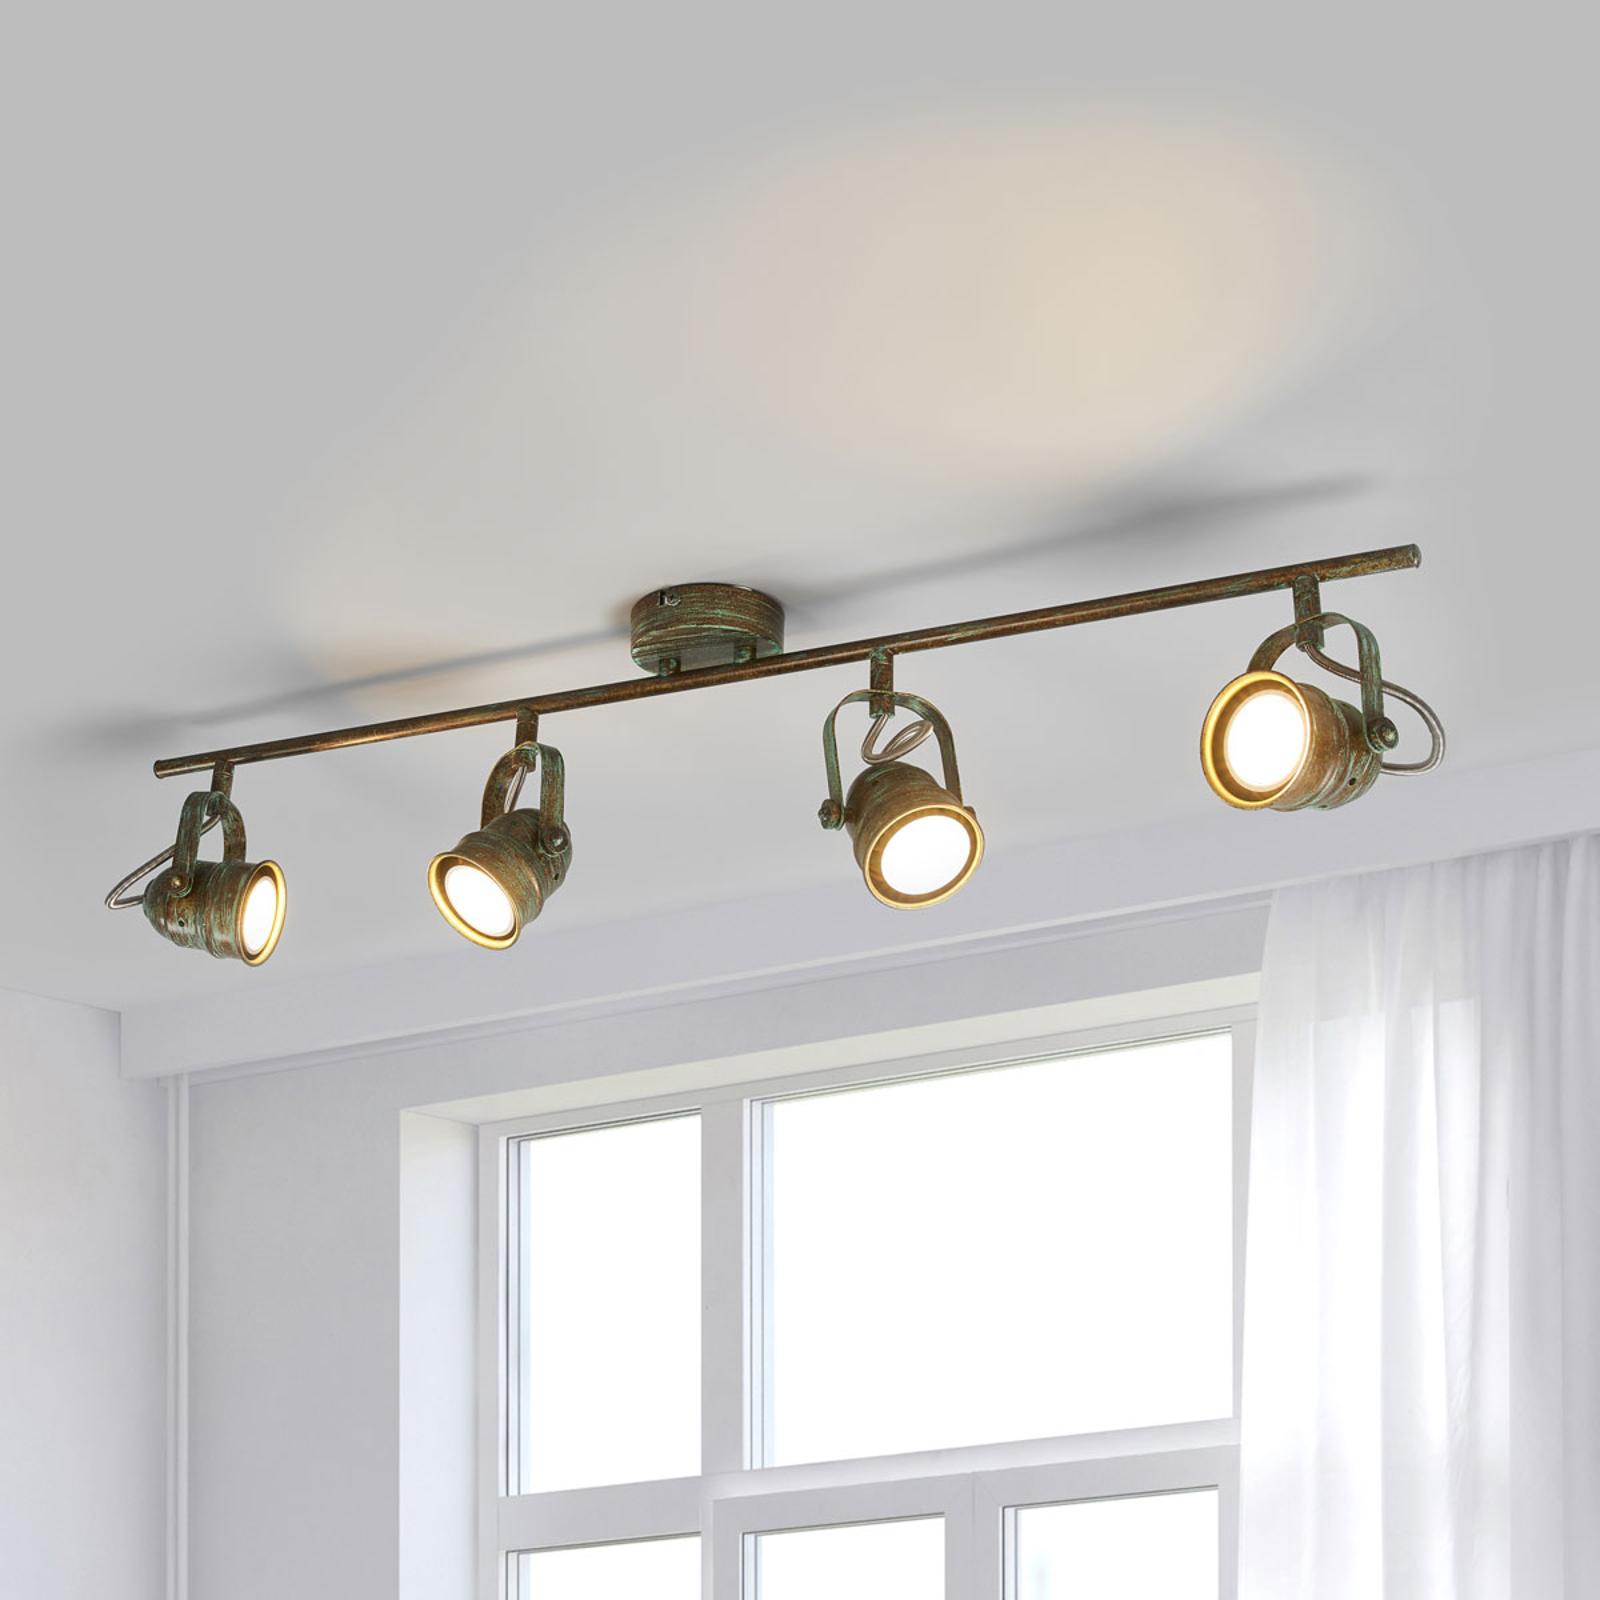 Antiikkityylinen LED-kattokohdevalo Leonor